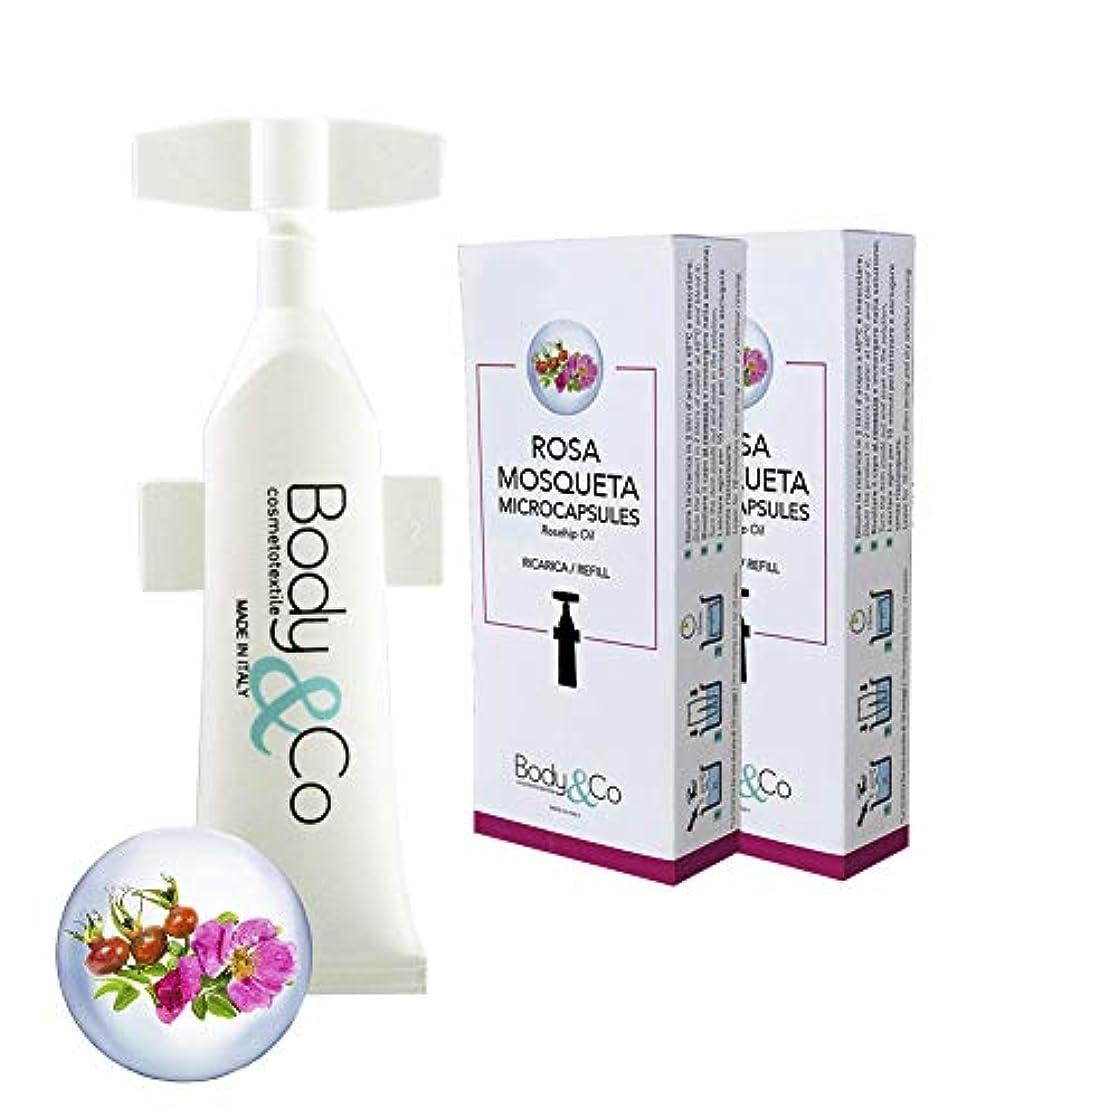 自動的に階下コンデンサーBody&Co Cosmetic Refill 10 ml Rosa Mosqueta Oil (OLIO DI ROSA MOSQUETA 10 ML, 2 REFILLS 10 ML)